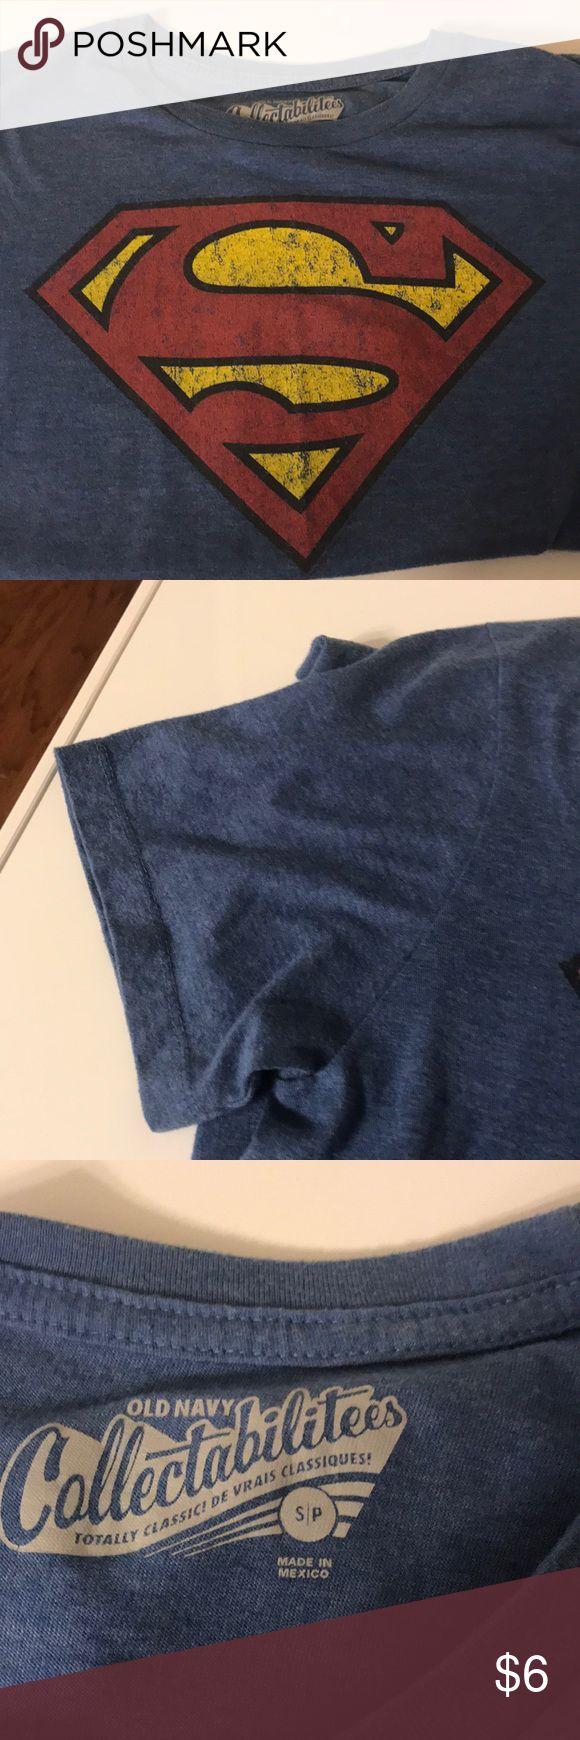 Old navy shirt sleeve tee boys Superman shirt sleeve tee size small Old Navy Shirts & Tops Tees - Short Sleeve